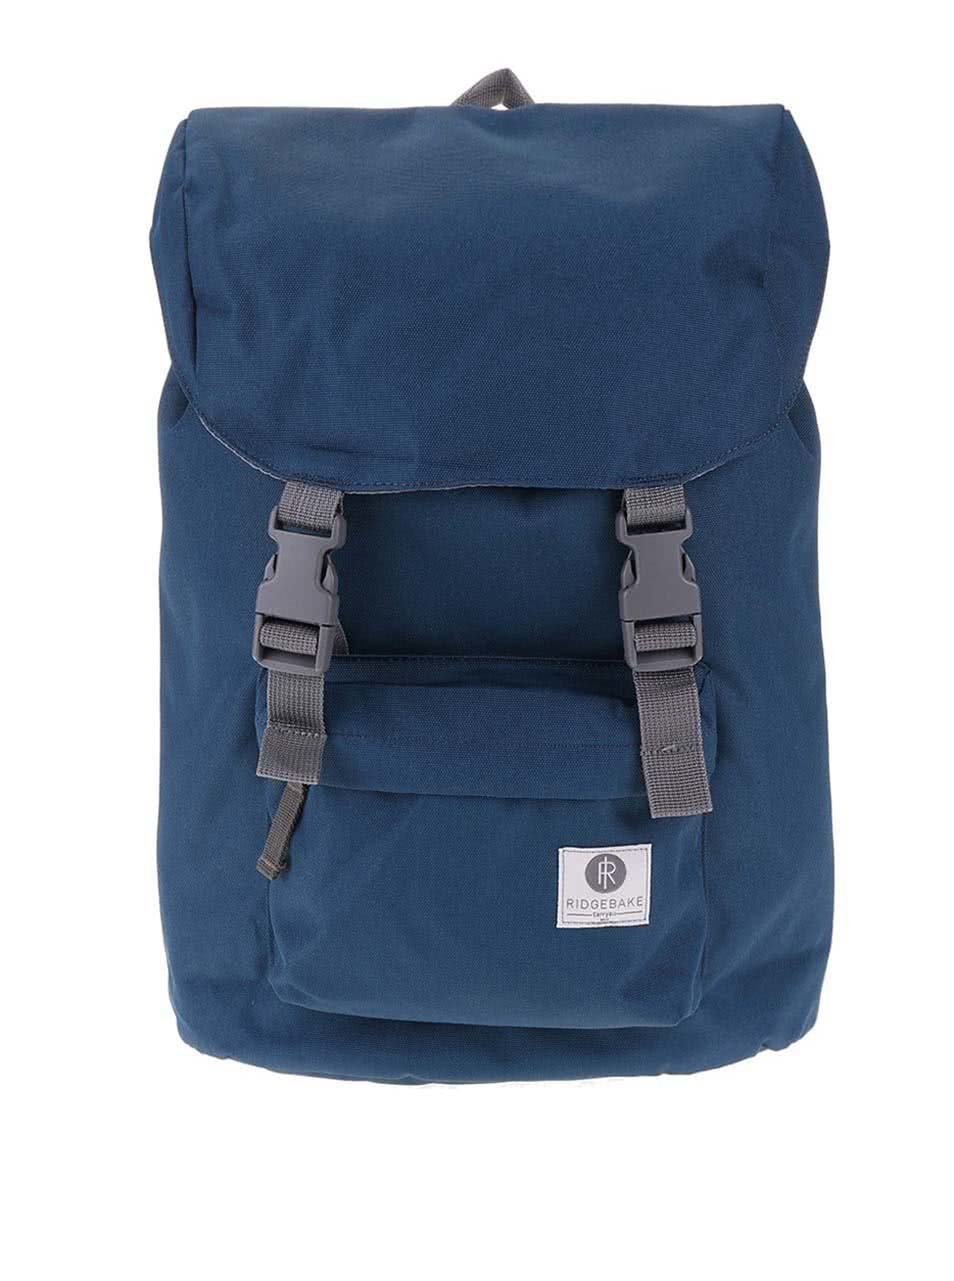 Šedo-modrý středně velký batoh s přezkami Ridgebake Hook – ŽENY   Kabelky e9e89df4e2